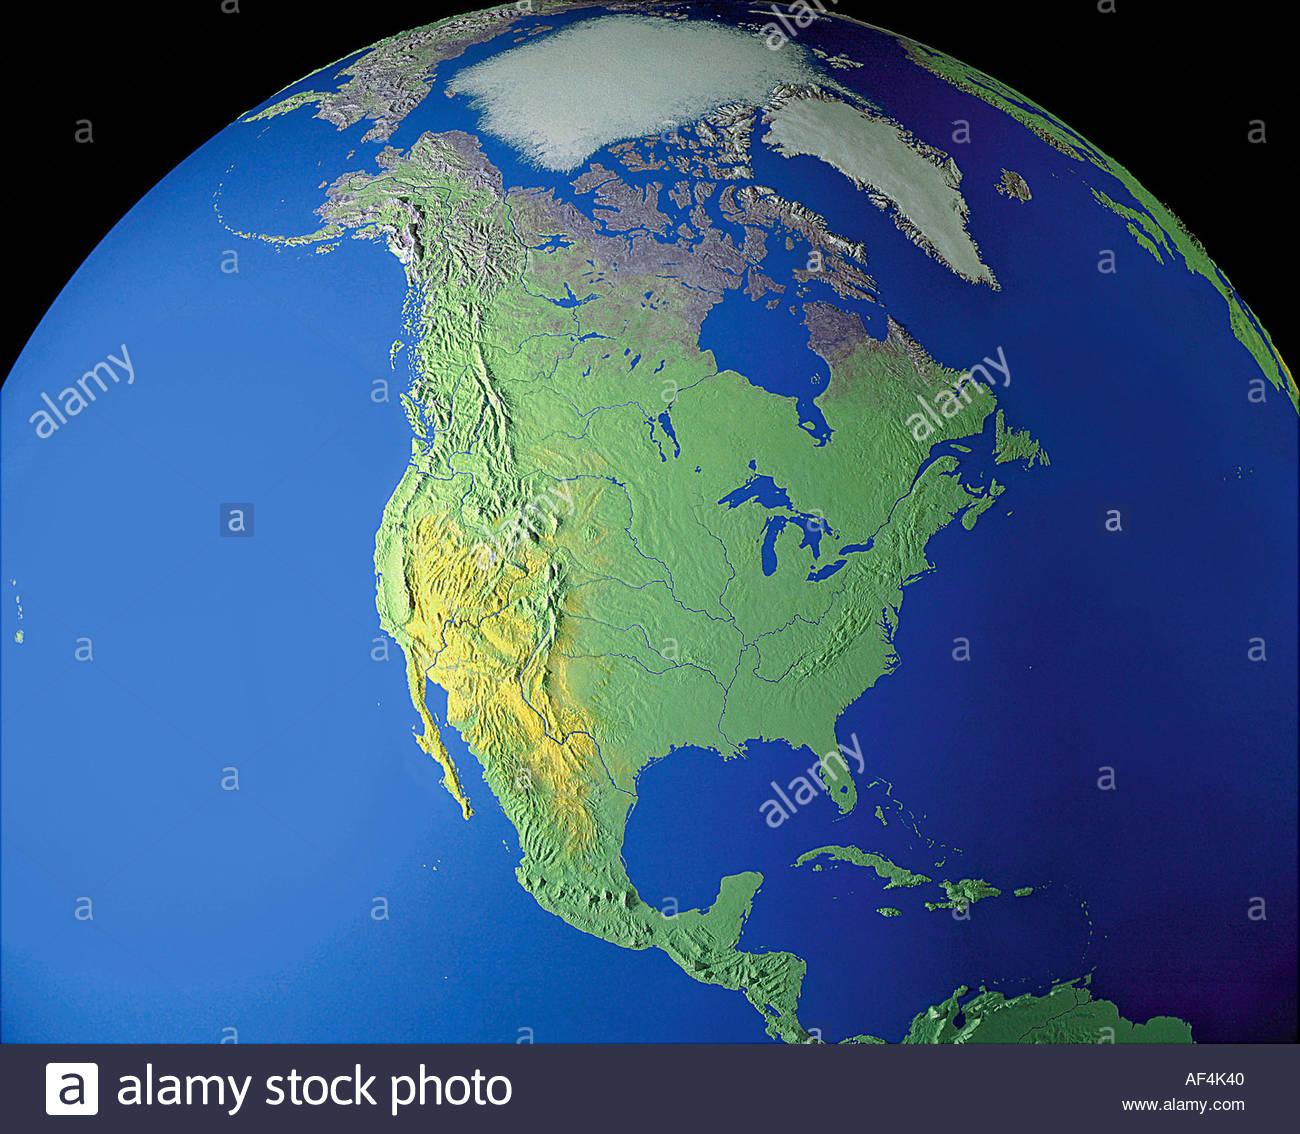 Carte Usa Canada Mexique.Cartes Carte Du Monde Globe Terrestre En Amerique Du Nord